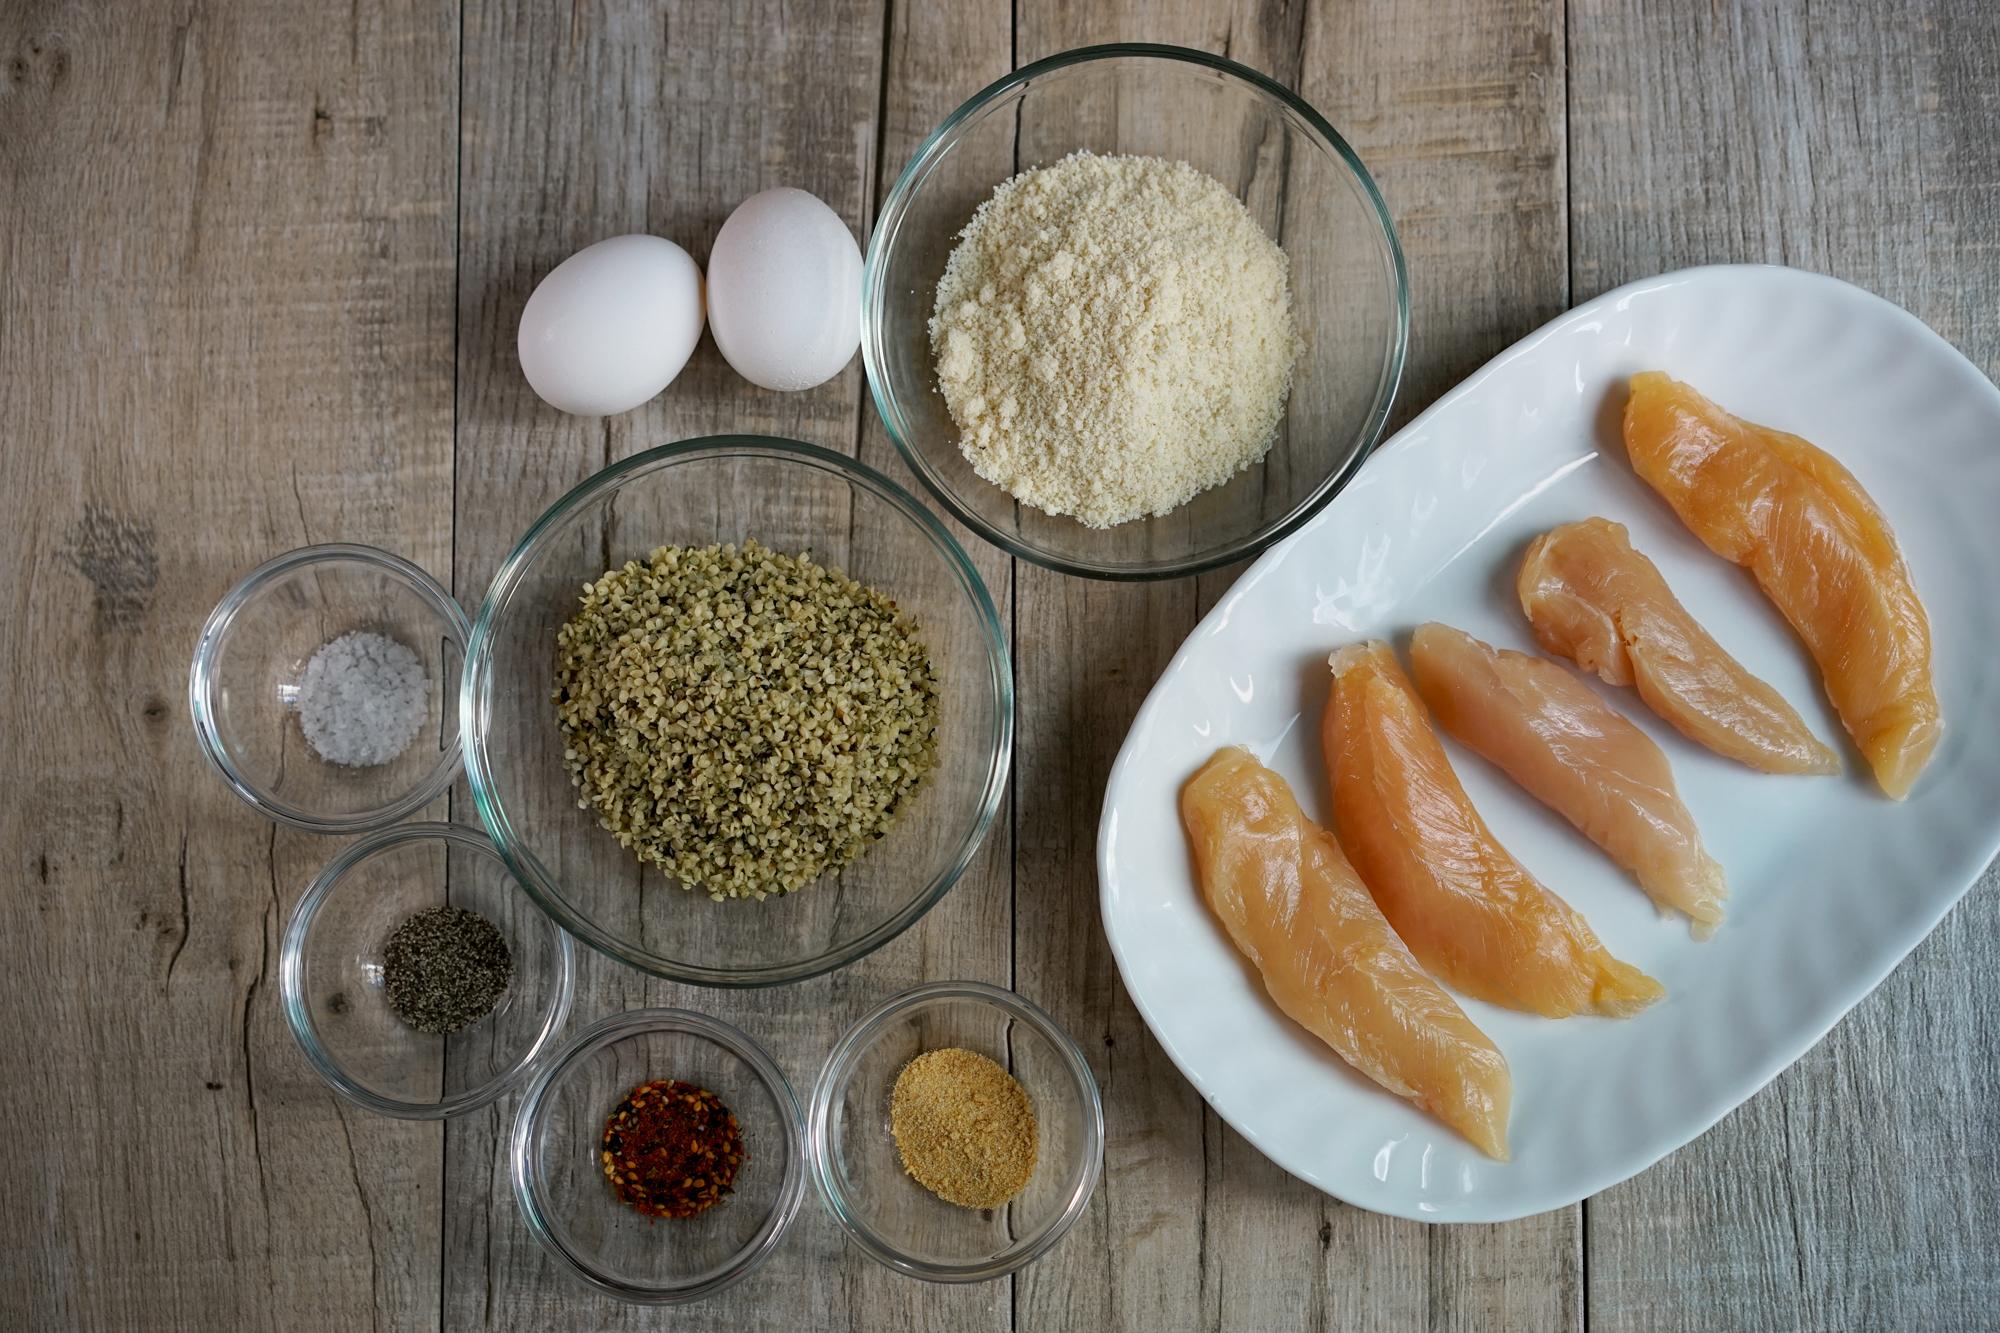 Hemp Crusted Chicken Tenders Recipe by Broke and Cooking - www.brokeandcooking.com